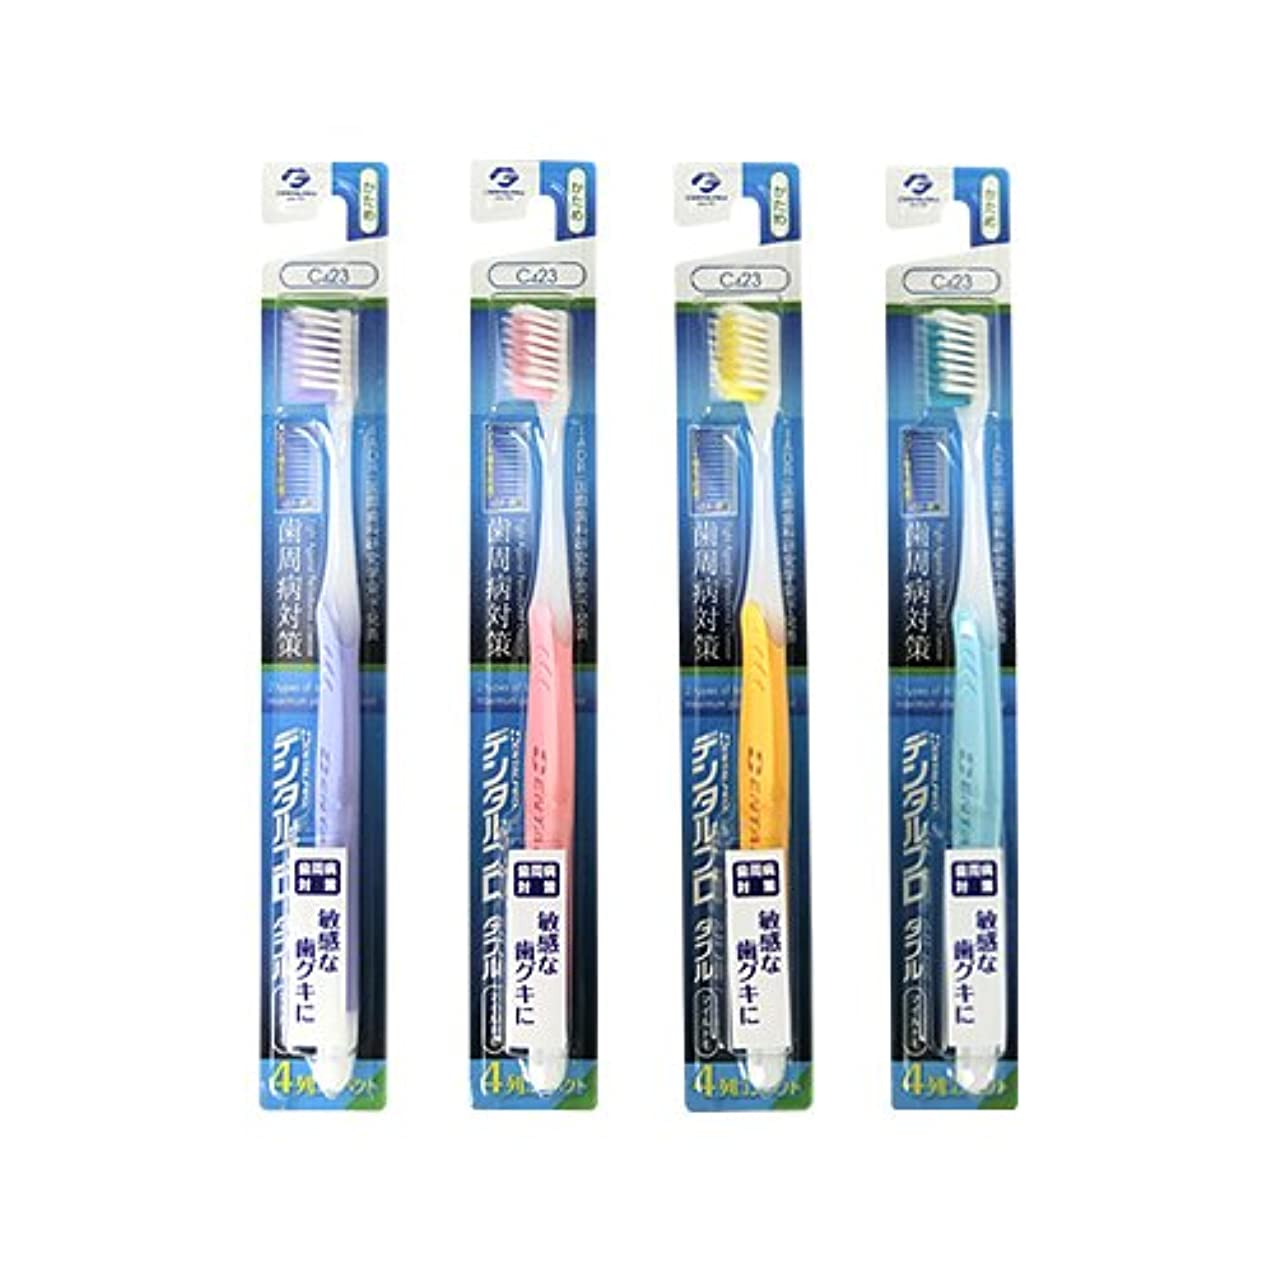 音節冗長ラッチデンタルプロ ダブル マイルド 4列 歯ブラシ 1本 (かため, カラー指定なし)